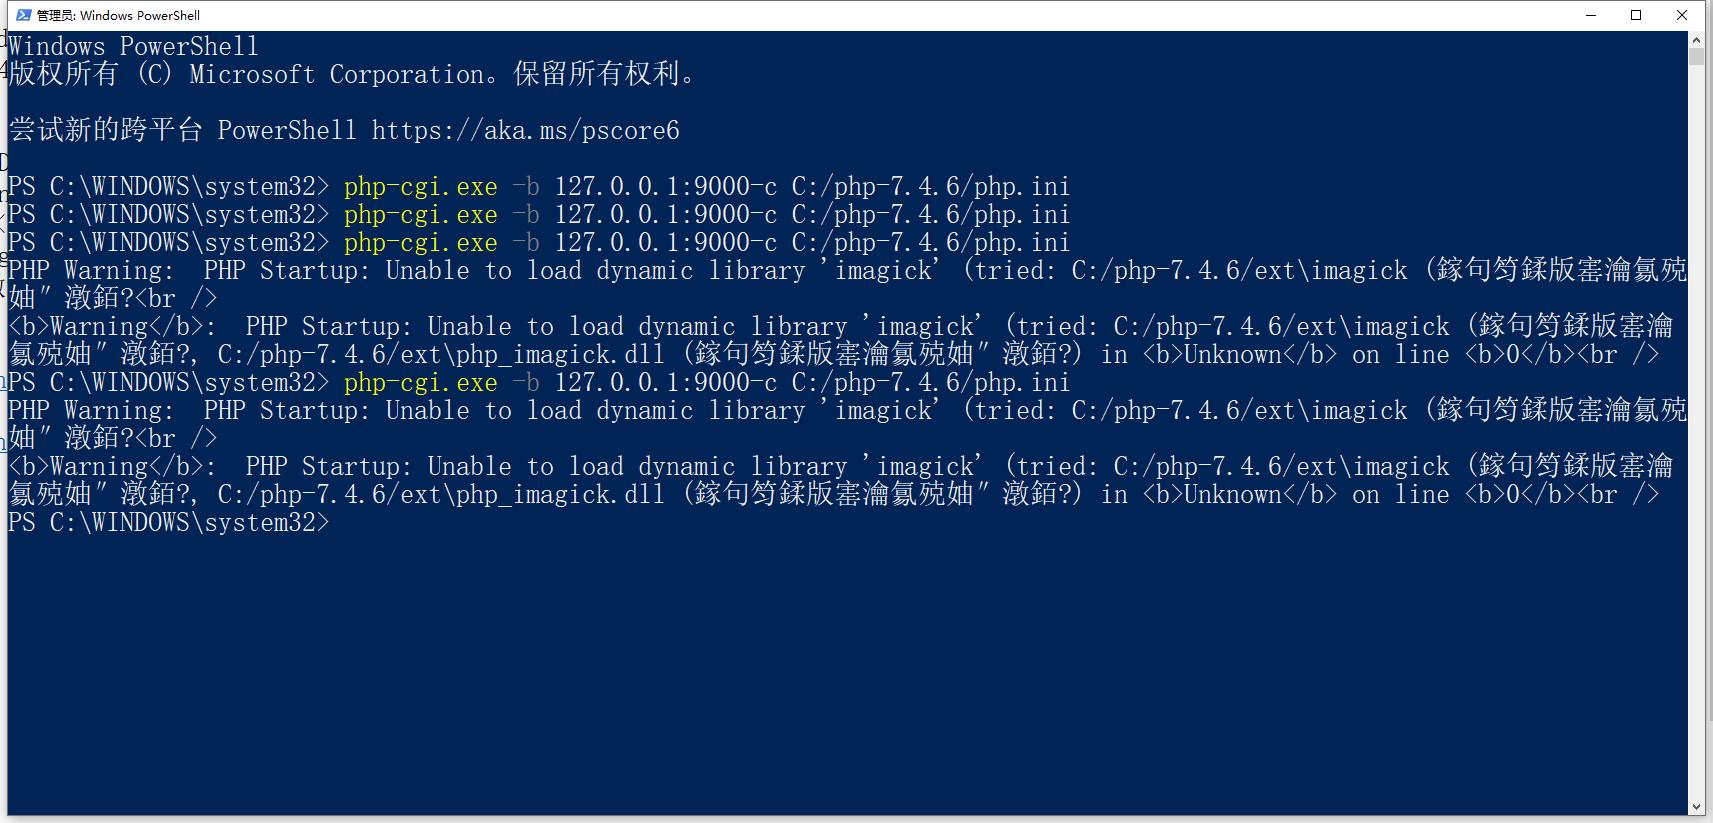 在 Windows 10 64 位、PHP 7.4.6 中,报错:PHP Warning:  PHP Startup: Unable to load dynamic library 'imagick' (tried: C:/php-7.4.6/ext\imagick